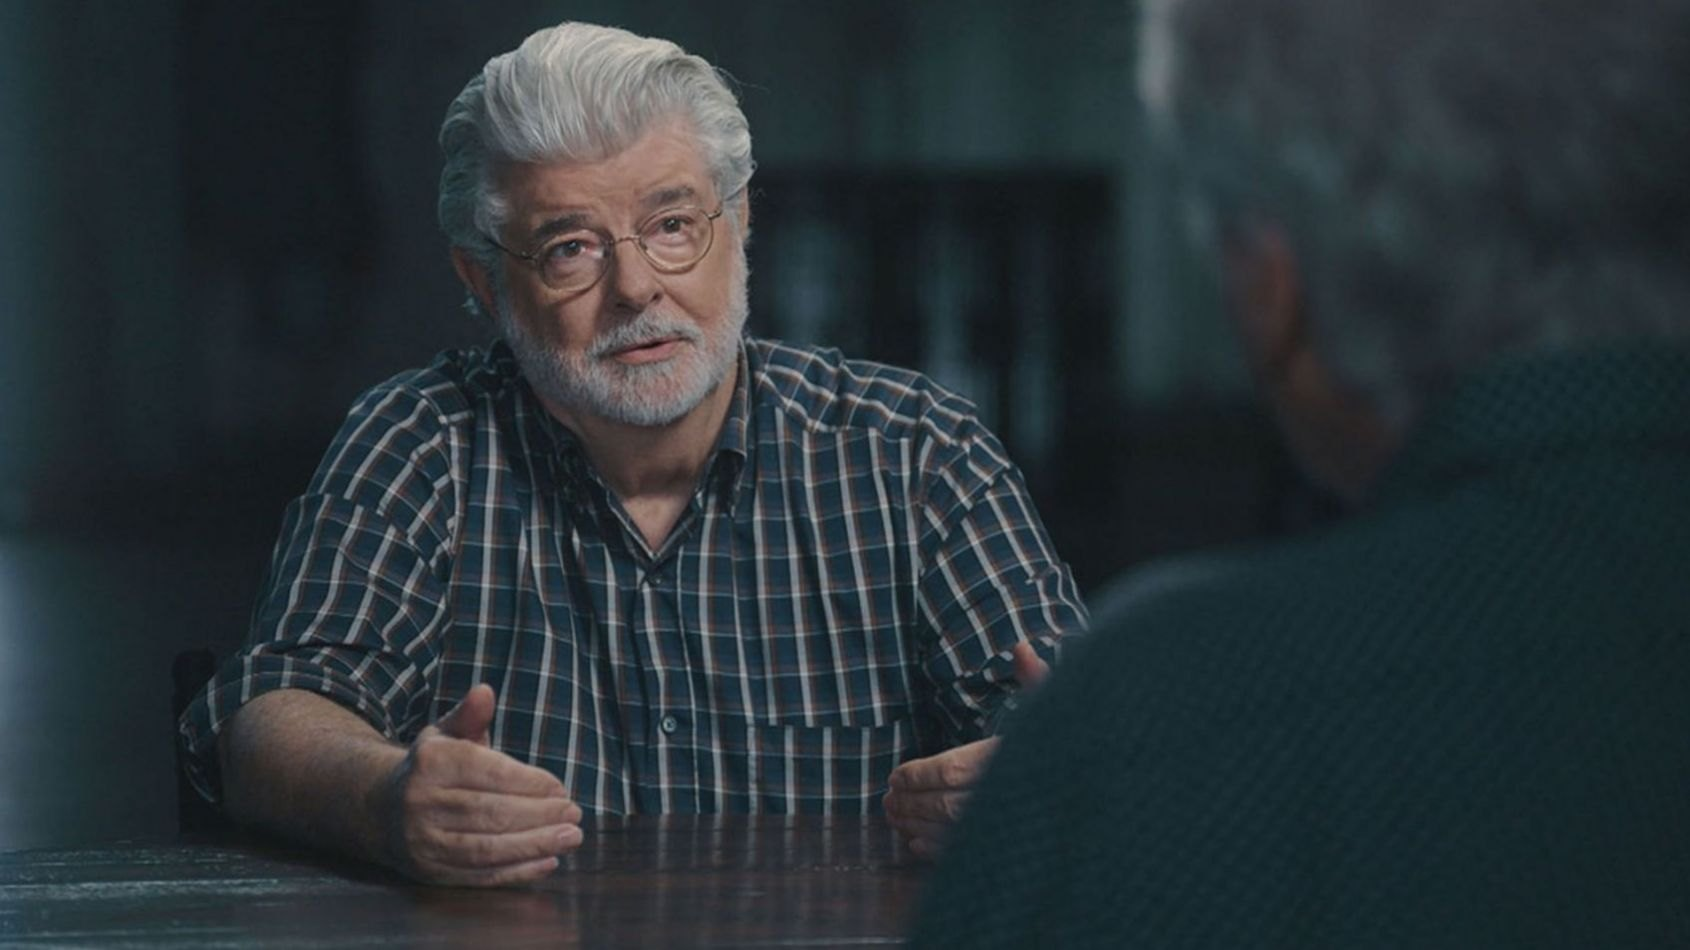 Des détails sur ce que George Lucas voulait pour la 3ème trilogie